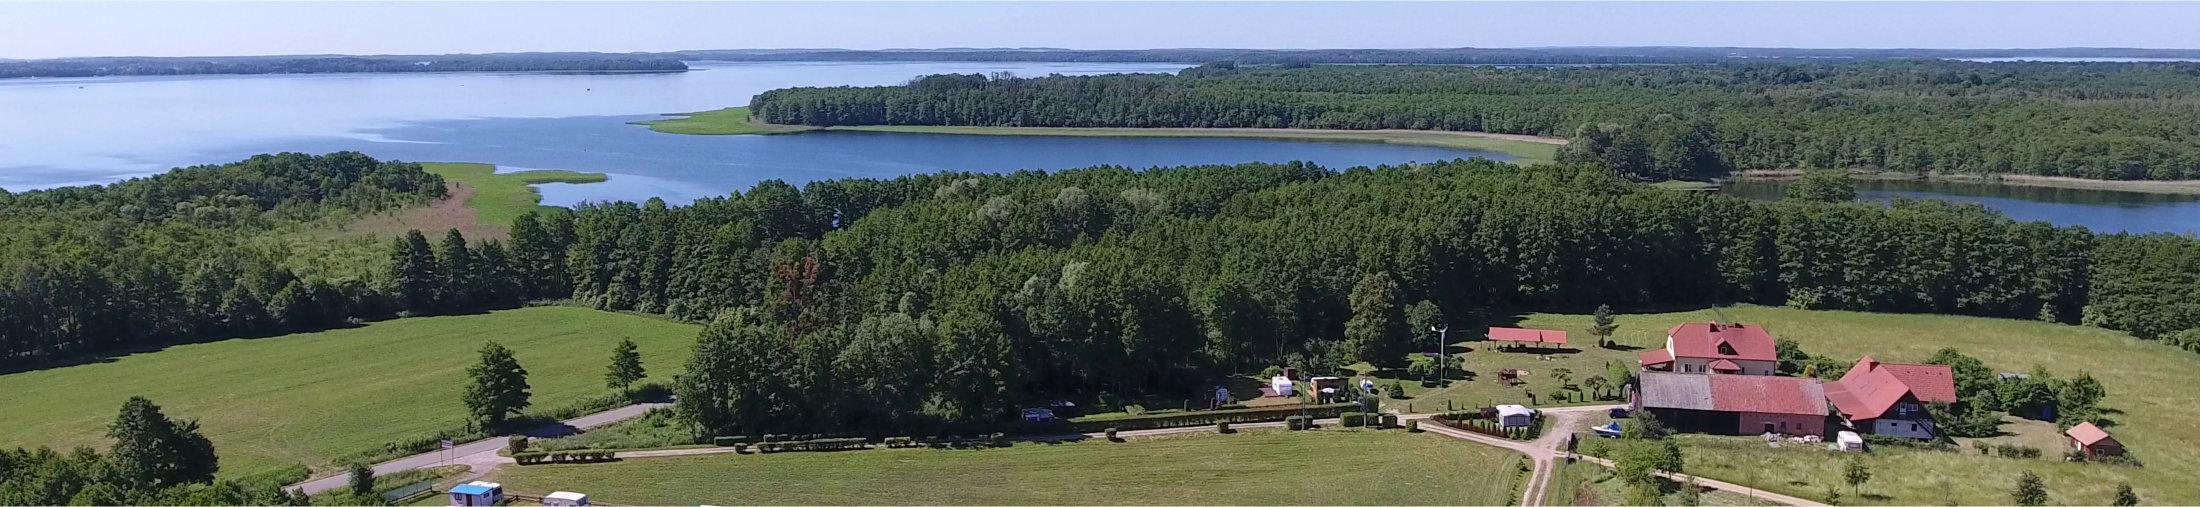 Agroturystyka nad brzegiem jeziora Kirsajty